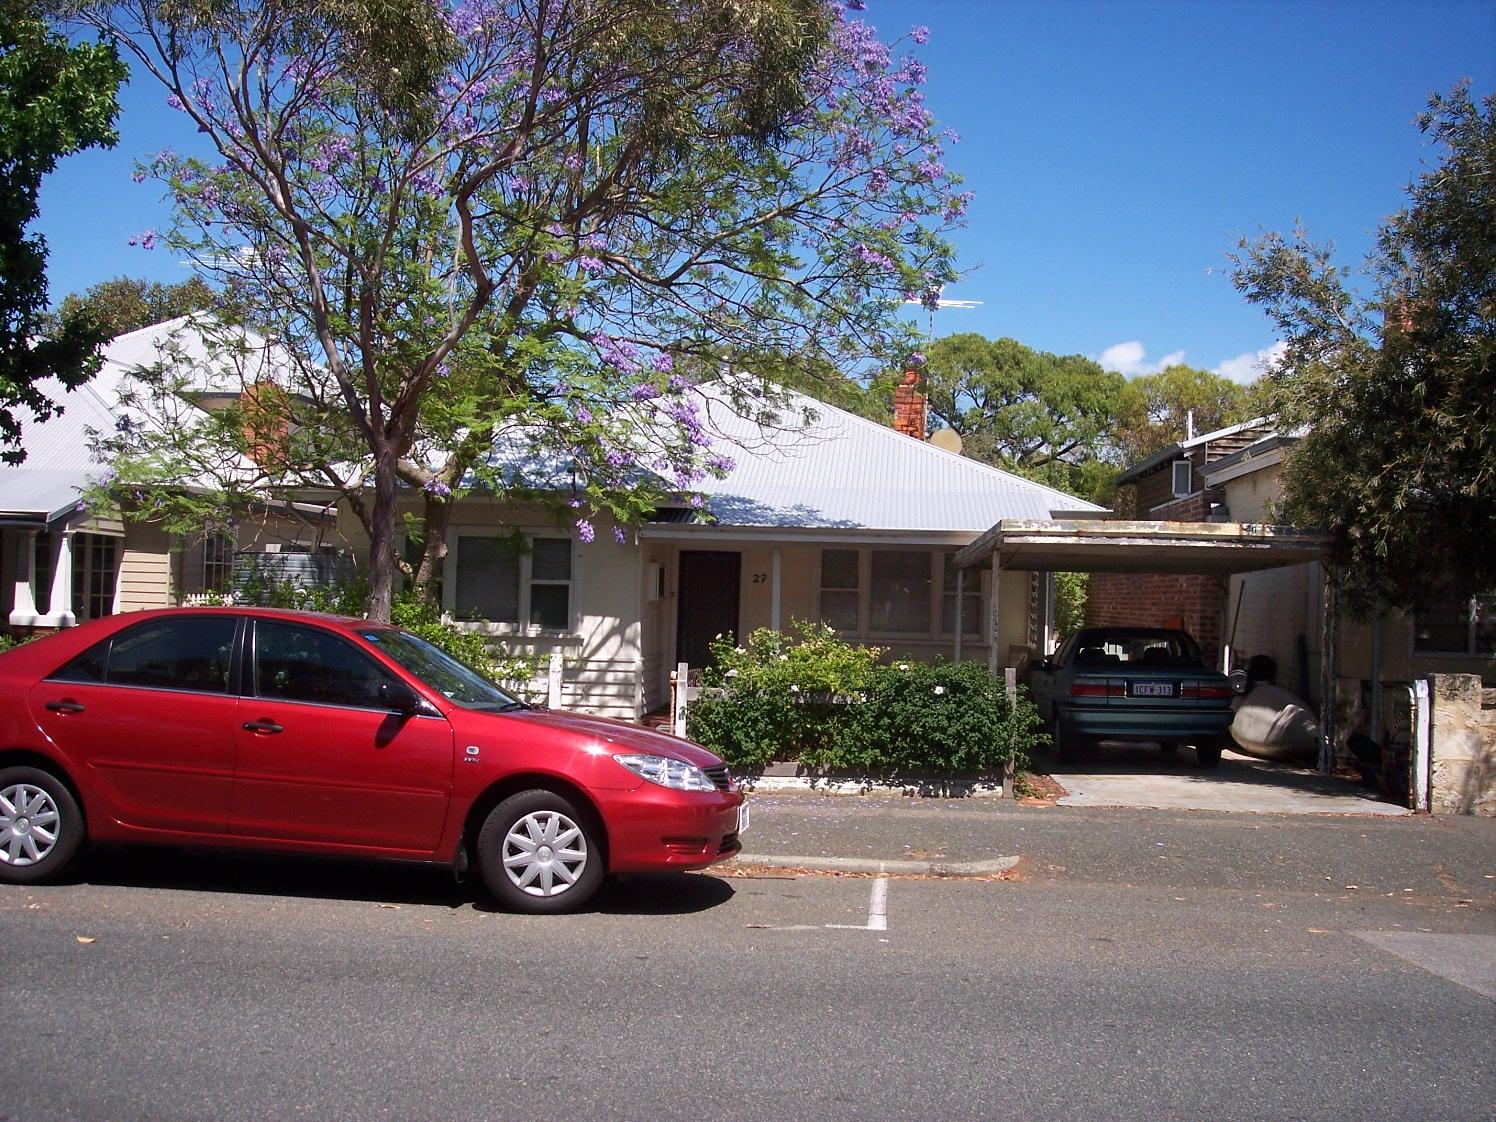 16-11-06 View W 27 Hubble Street.jpg